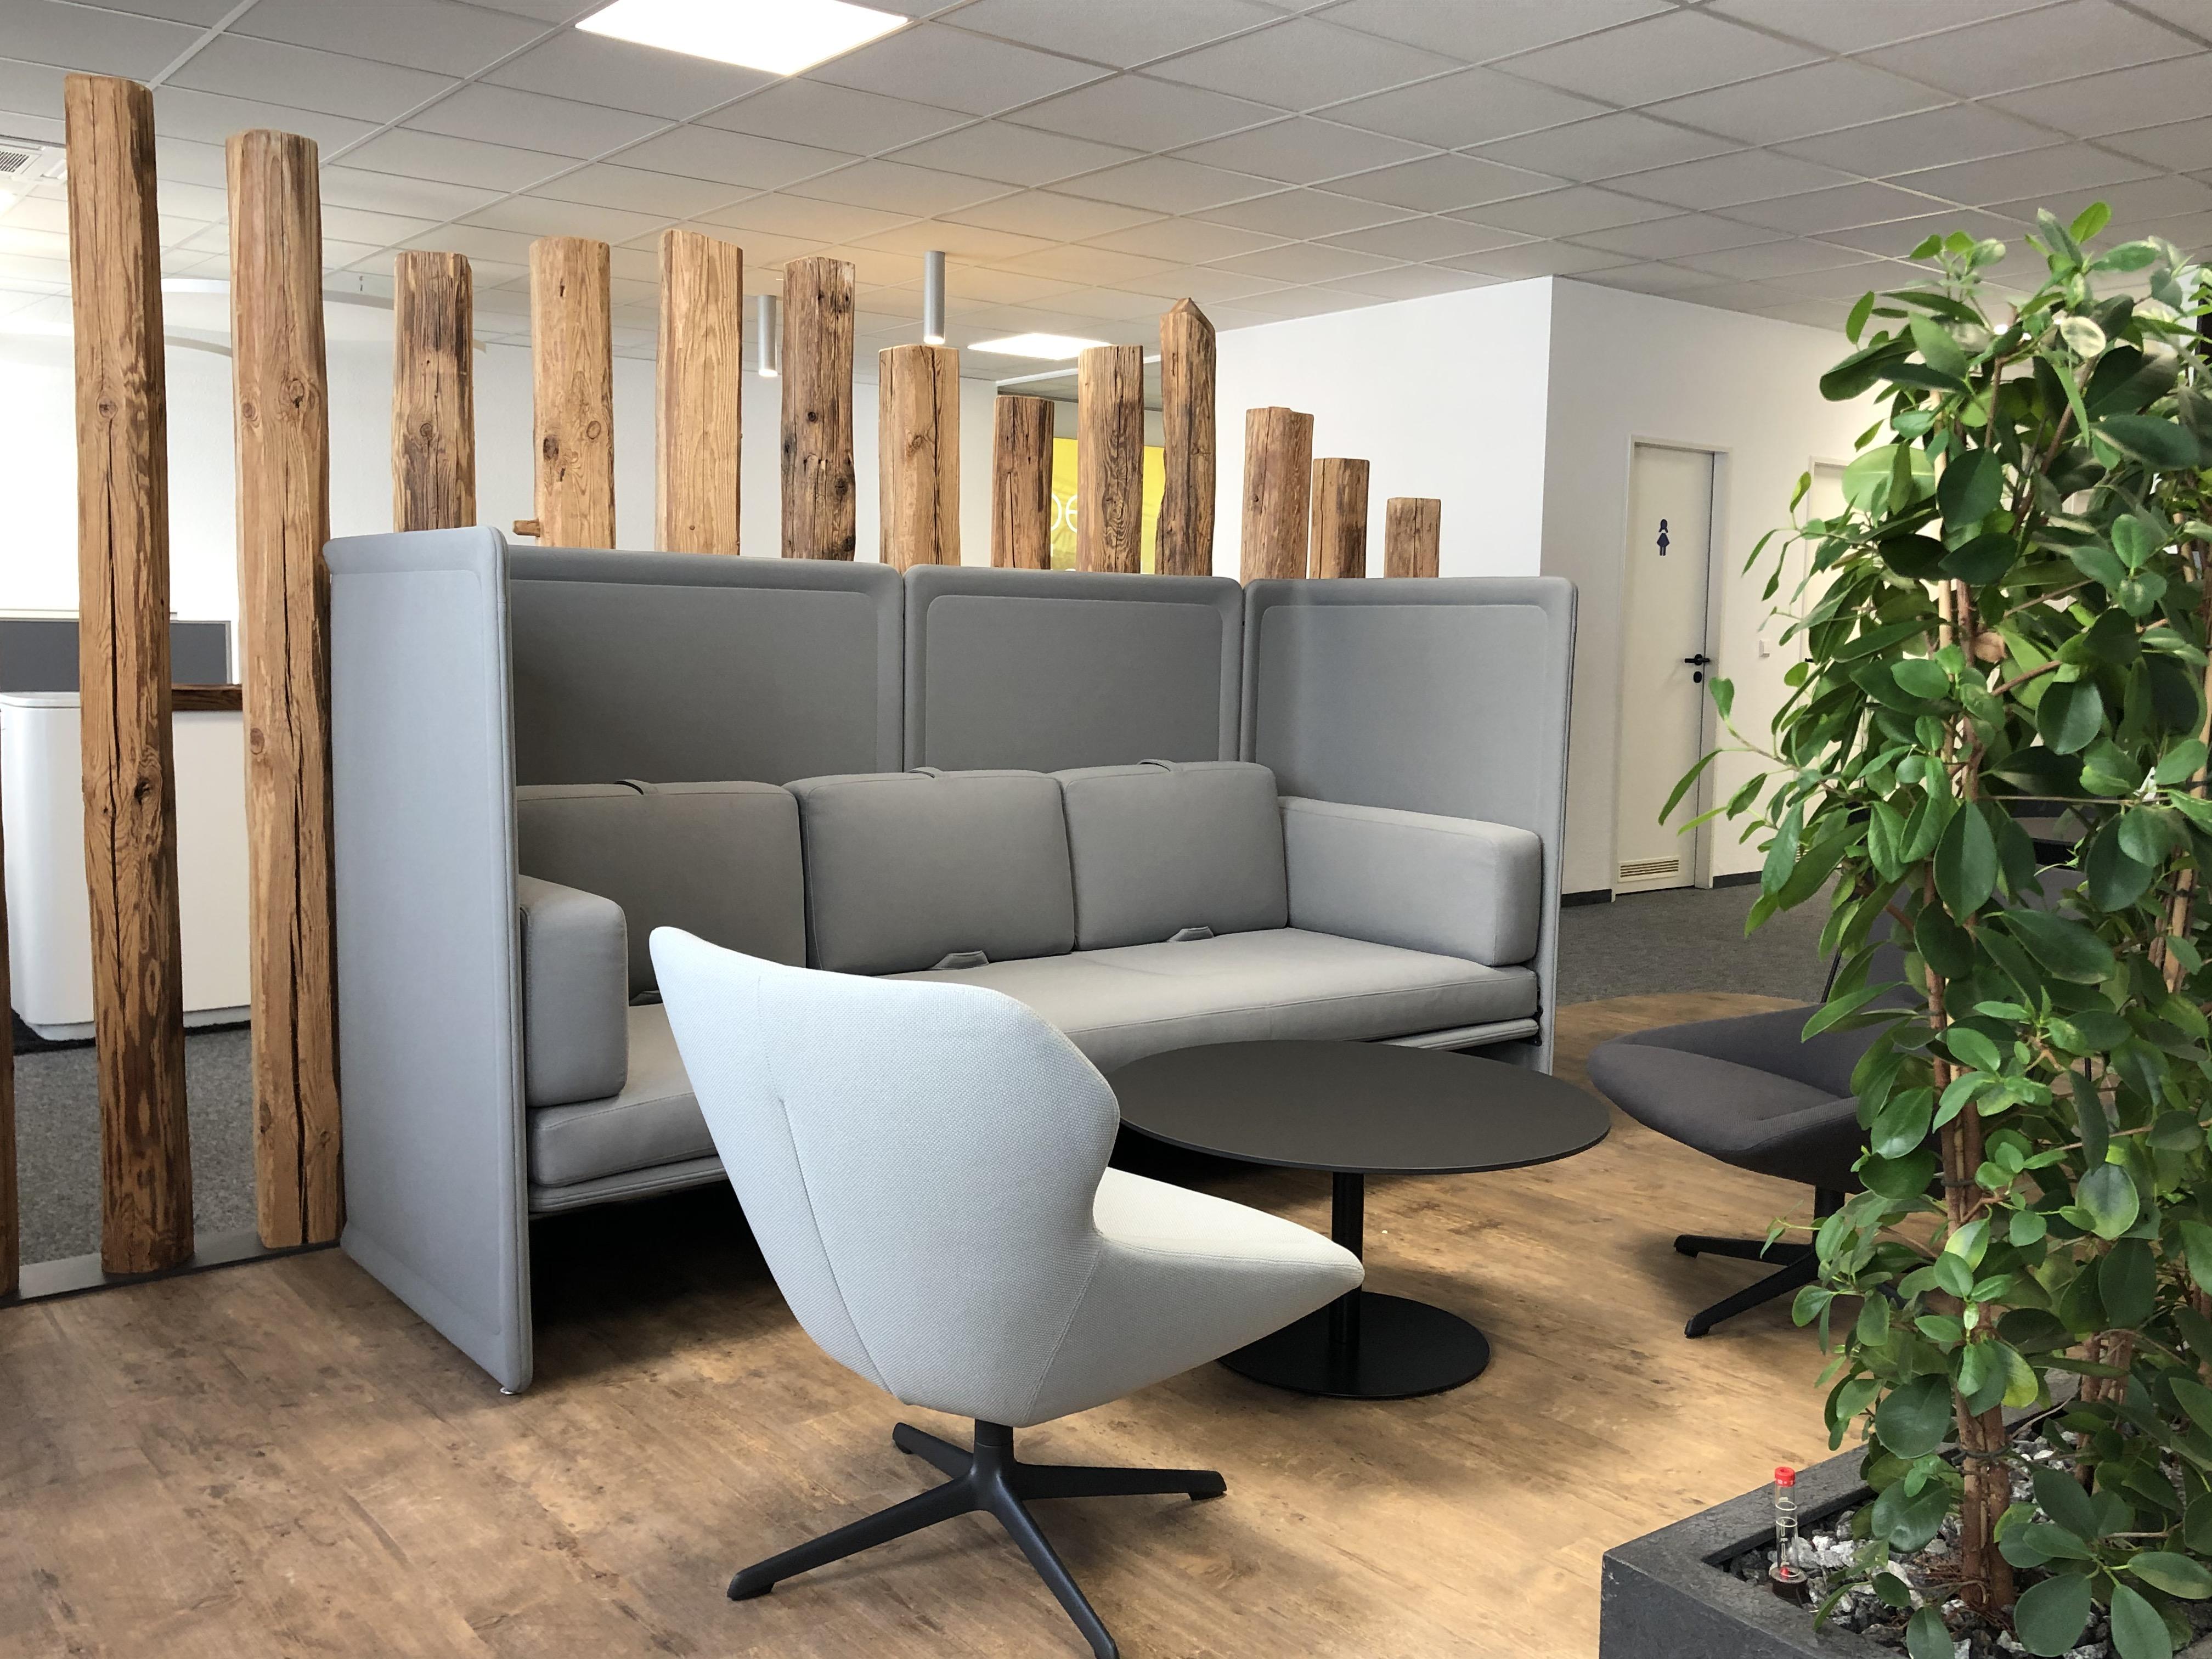 News Foto  Lounge 6 - Gepflegt chillen und arbeiten: Innovabee weiht neue Lounge ein